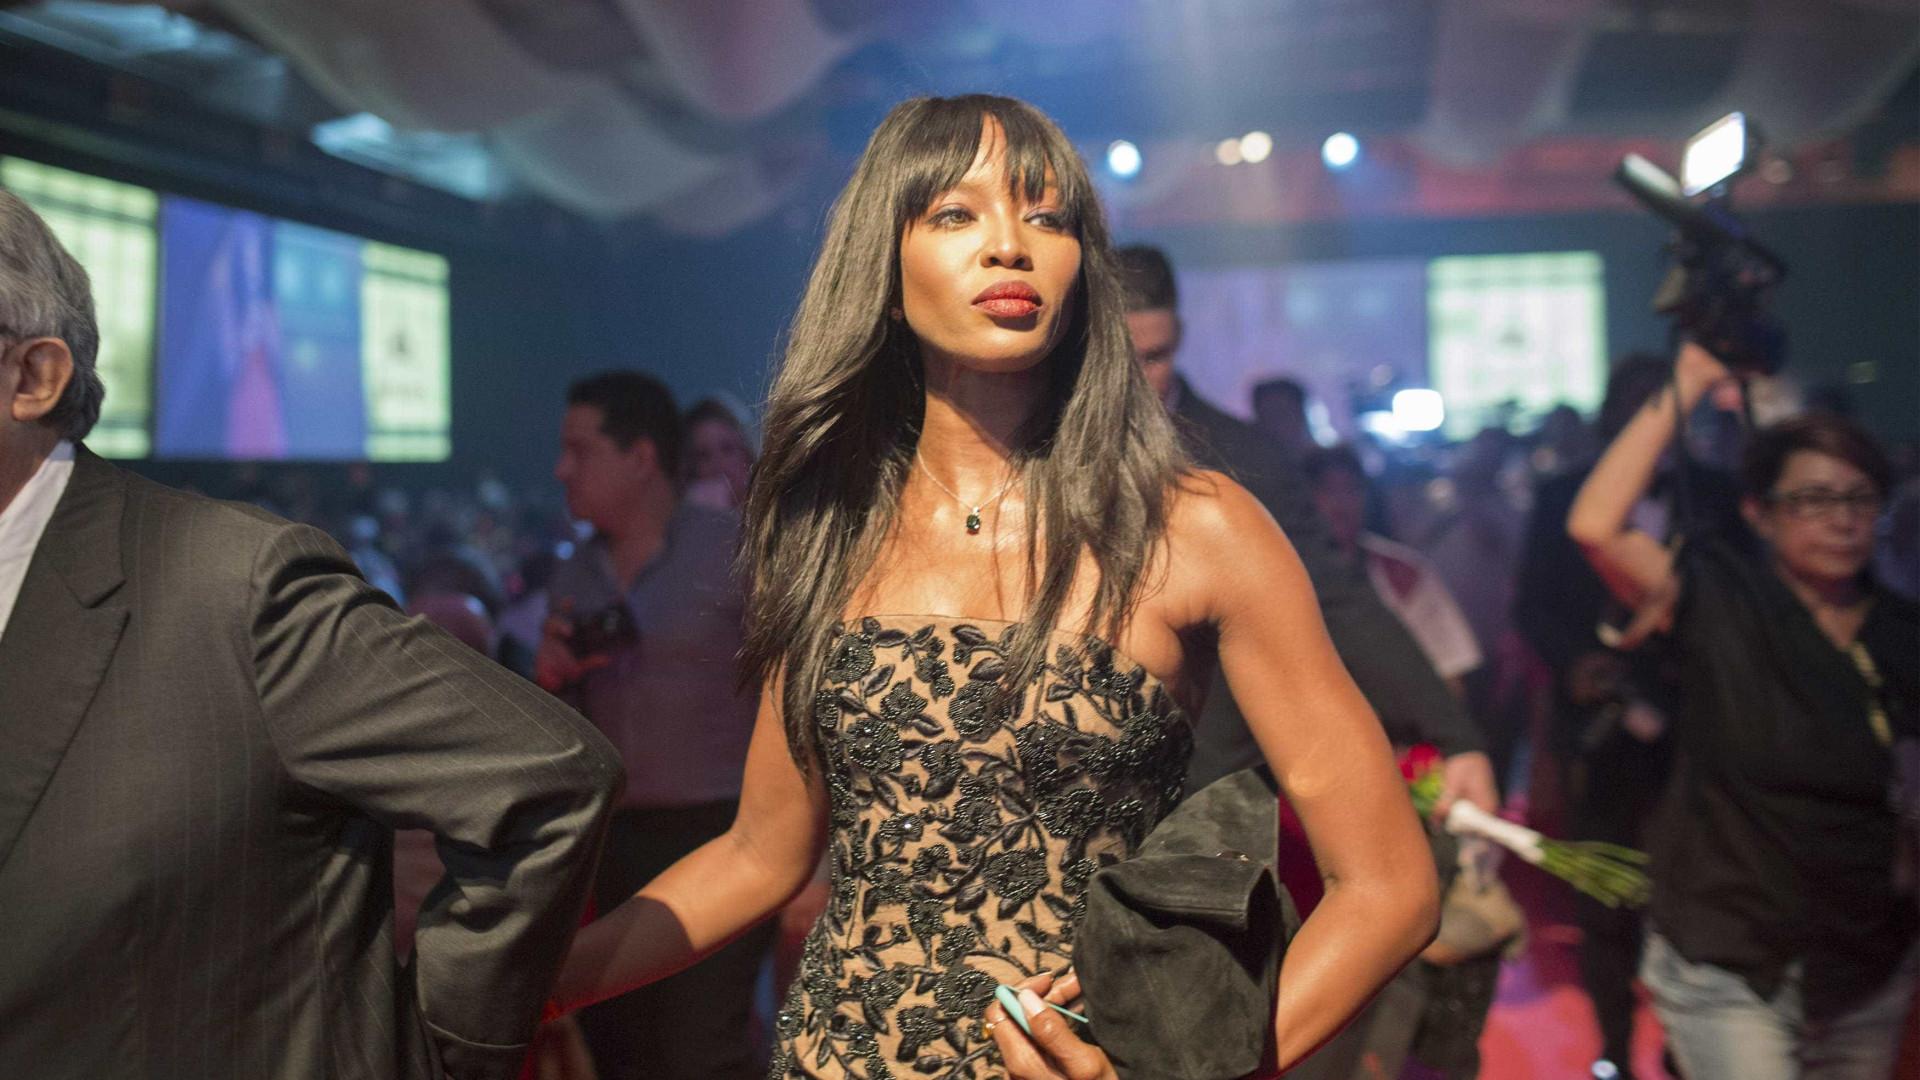 Vídeo comprometedor de Naomi Campbell  circula na internet